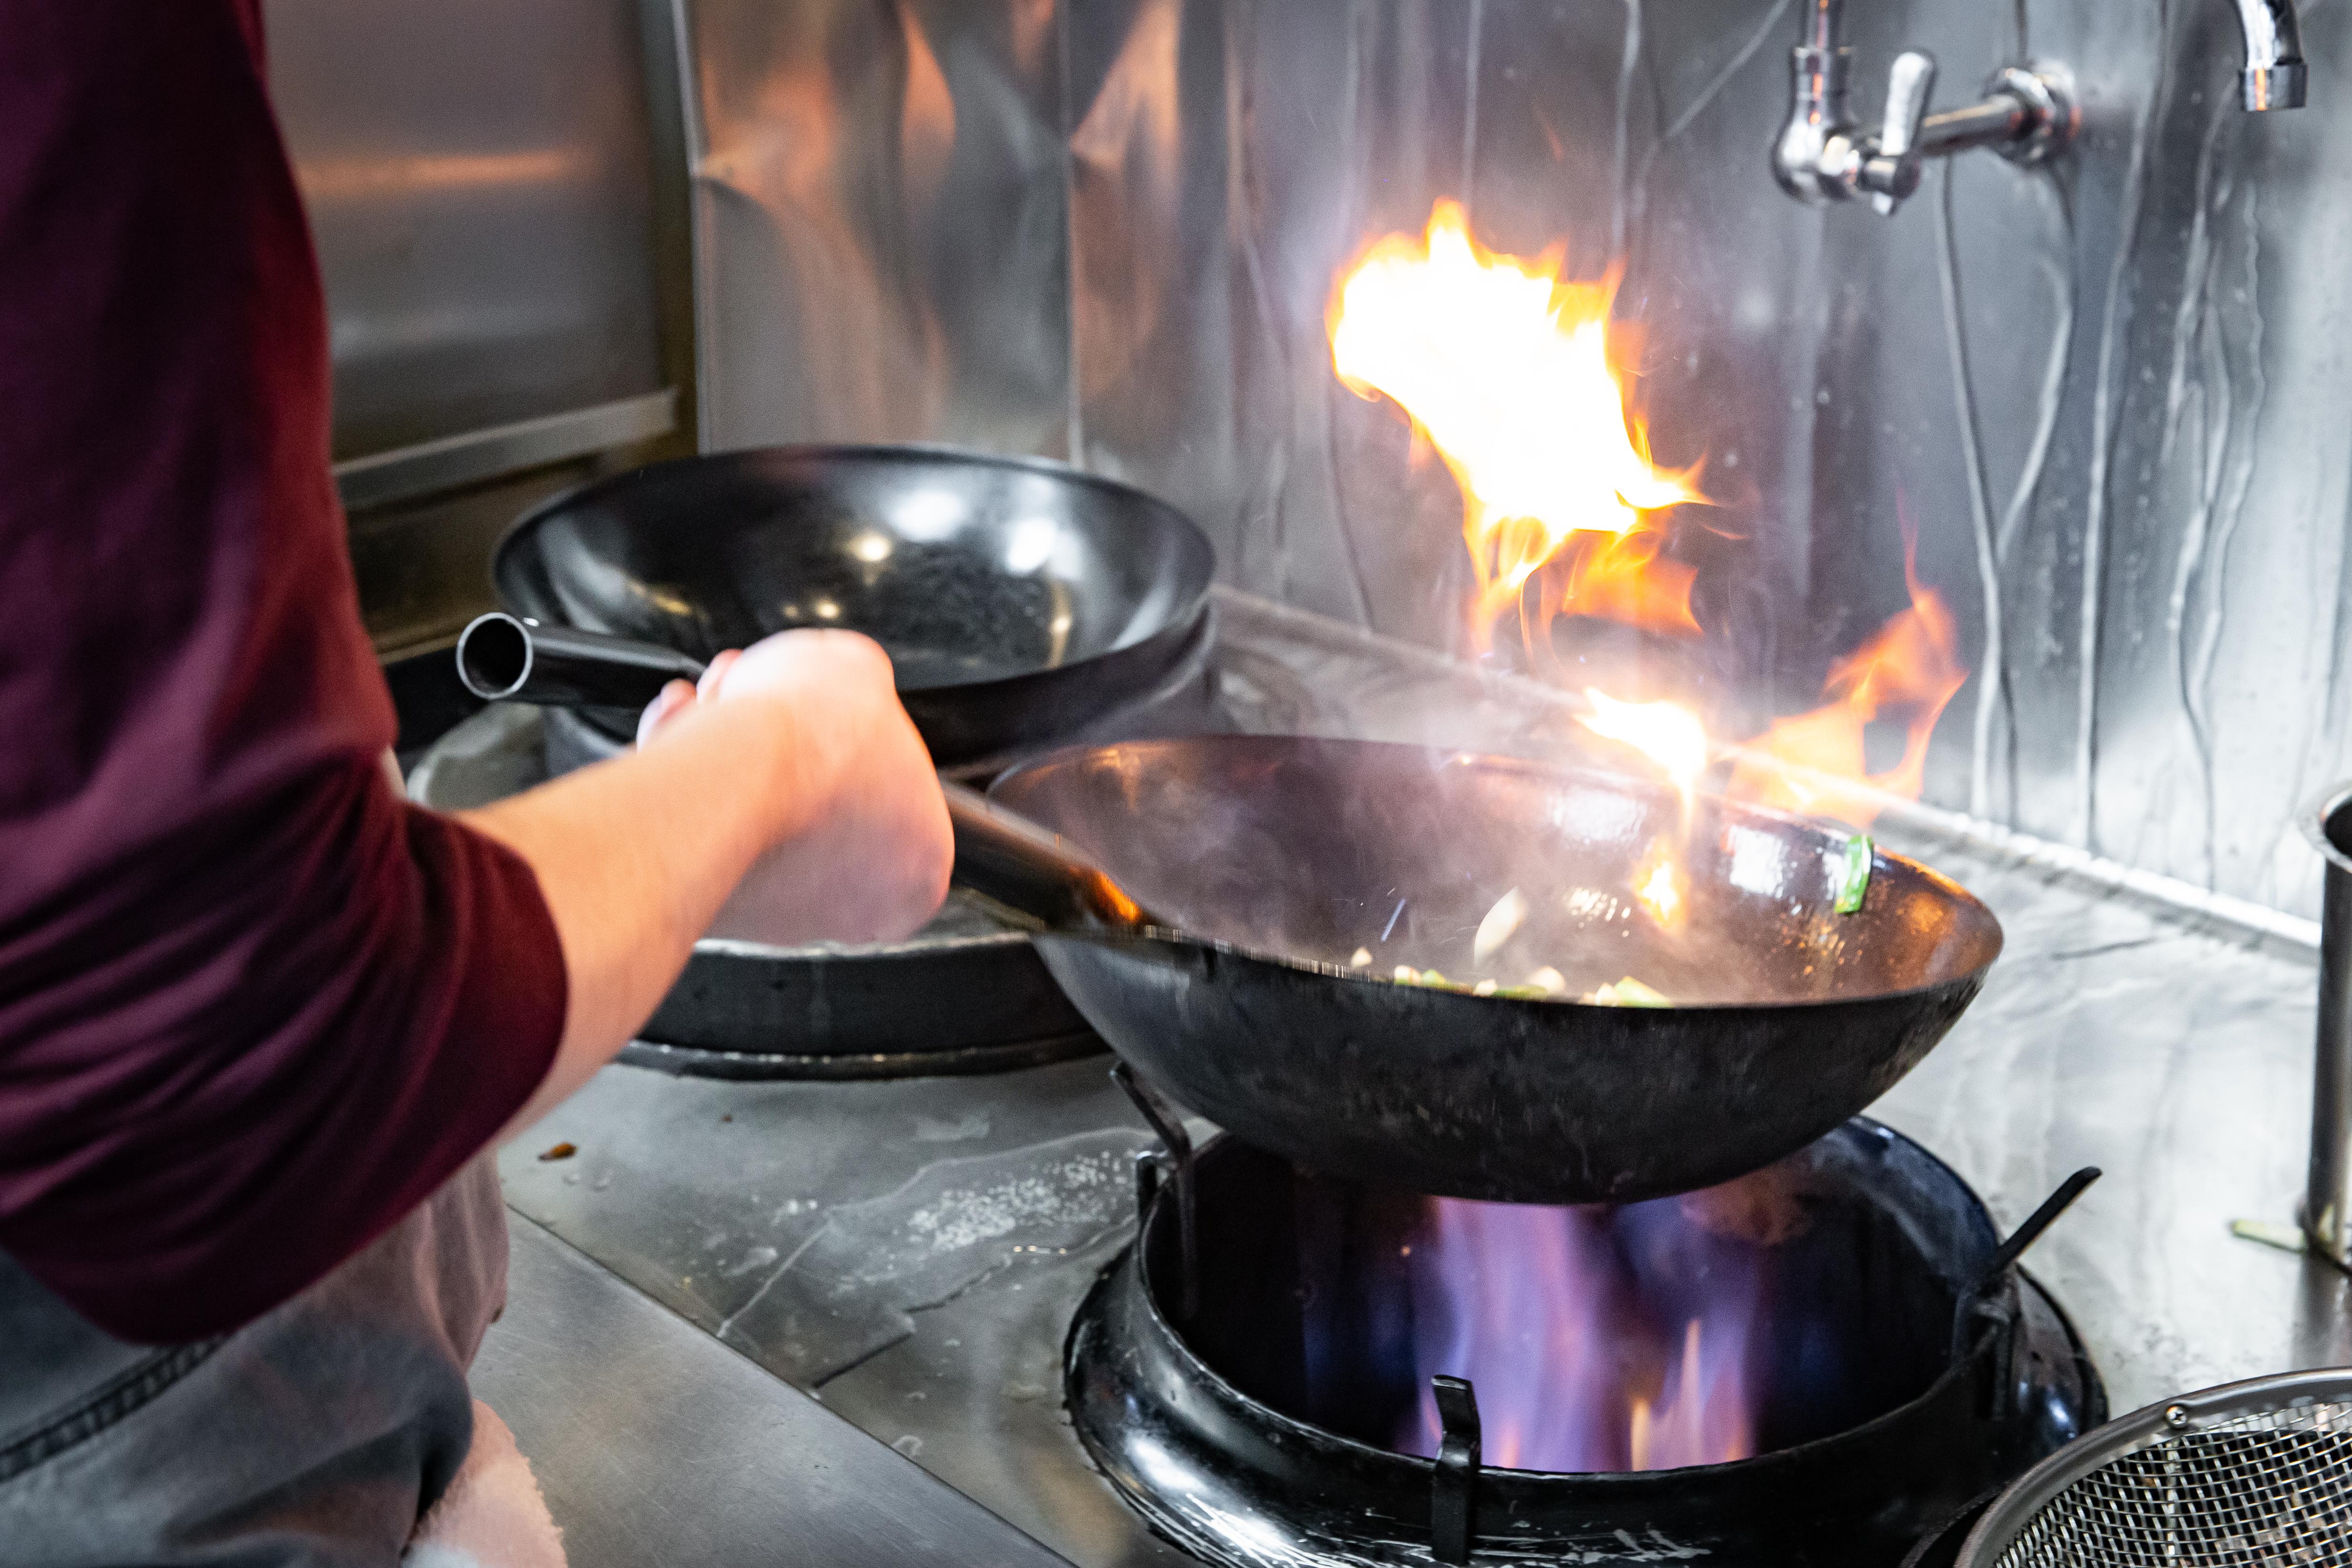 A flaming wok being flung.